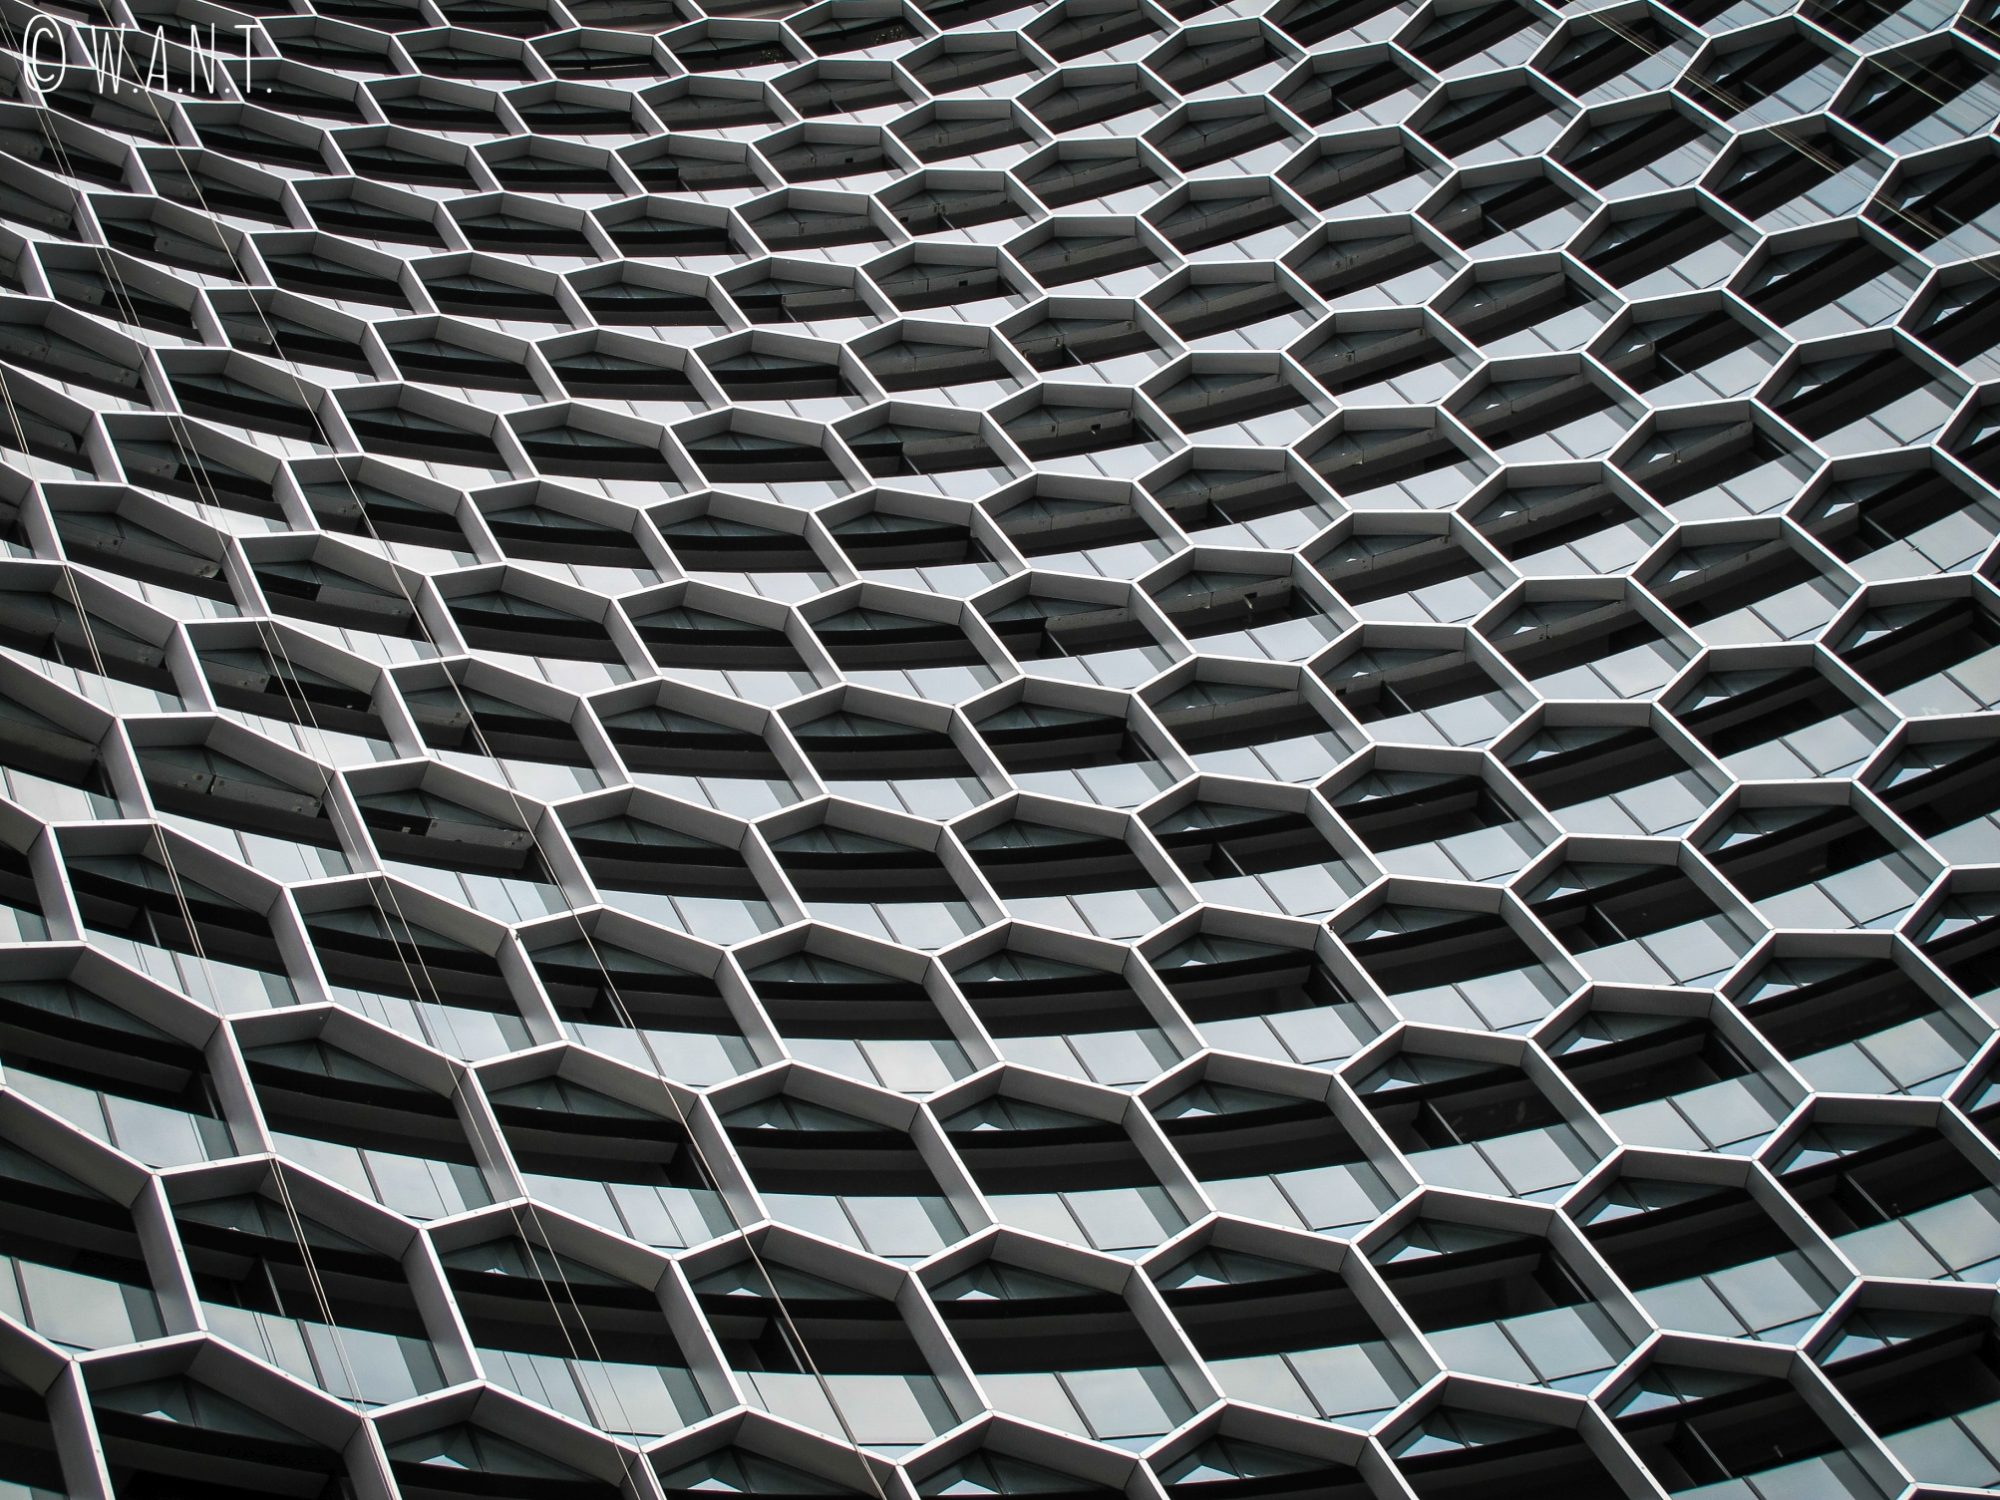 Façade d'un building en forme de nids d'abeilles